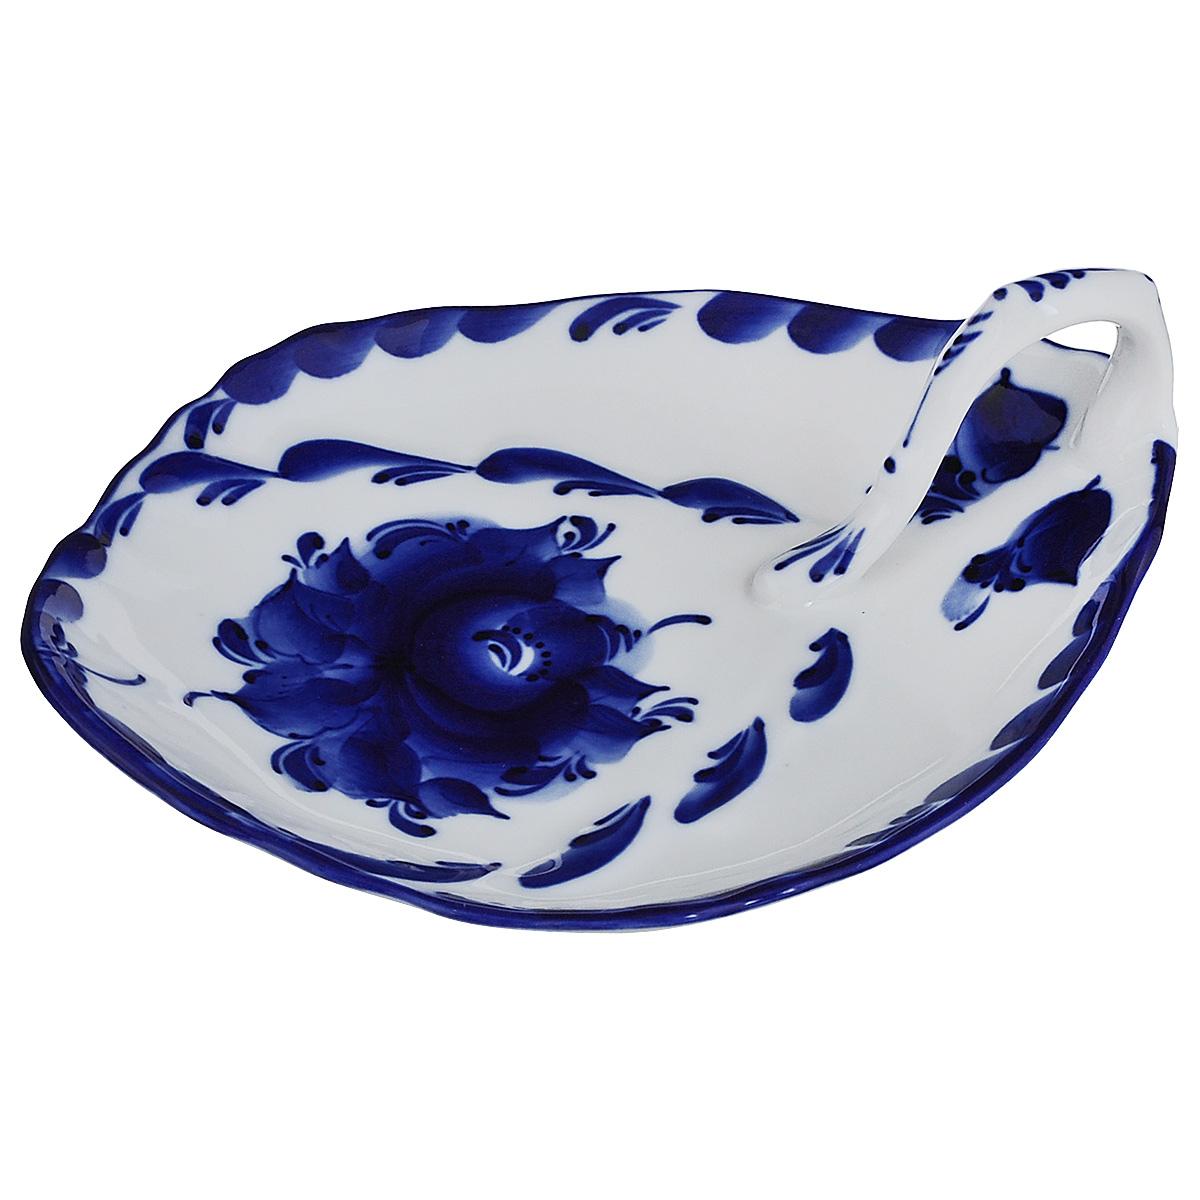 Салатник Лепесток, цвет: белый, синий, 16 см х 20 см х 7 см993061401Салатник выполнен из высококачественной керамики и оснащен изящной ручкой для удобства. Изделие украшено гжельской росписью. Яркий дизайн доставит истинное удовольствие ценителям прекрасного. Салатник Лепесток украсит ваш кухонный стол, а также станет замечательным подарком к любому празднику. Обращаем ваше внимание, что роспись на изделие сделана вручную. Рисунок может немного отличаться от изображения на фотографии. Размер салатника с учетом ручки: 16 см х 20 см. Высота салатника с учетом ручки: 7 см.